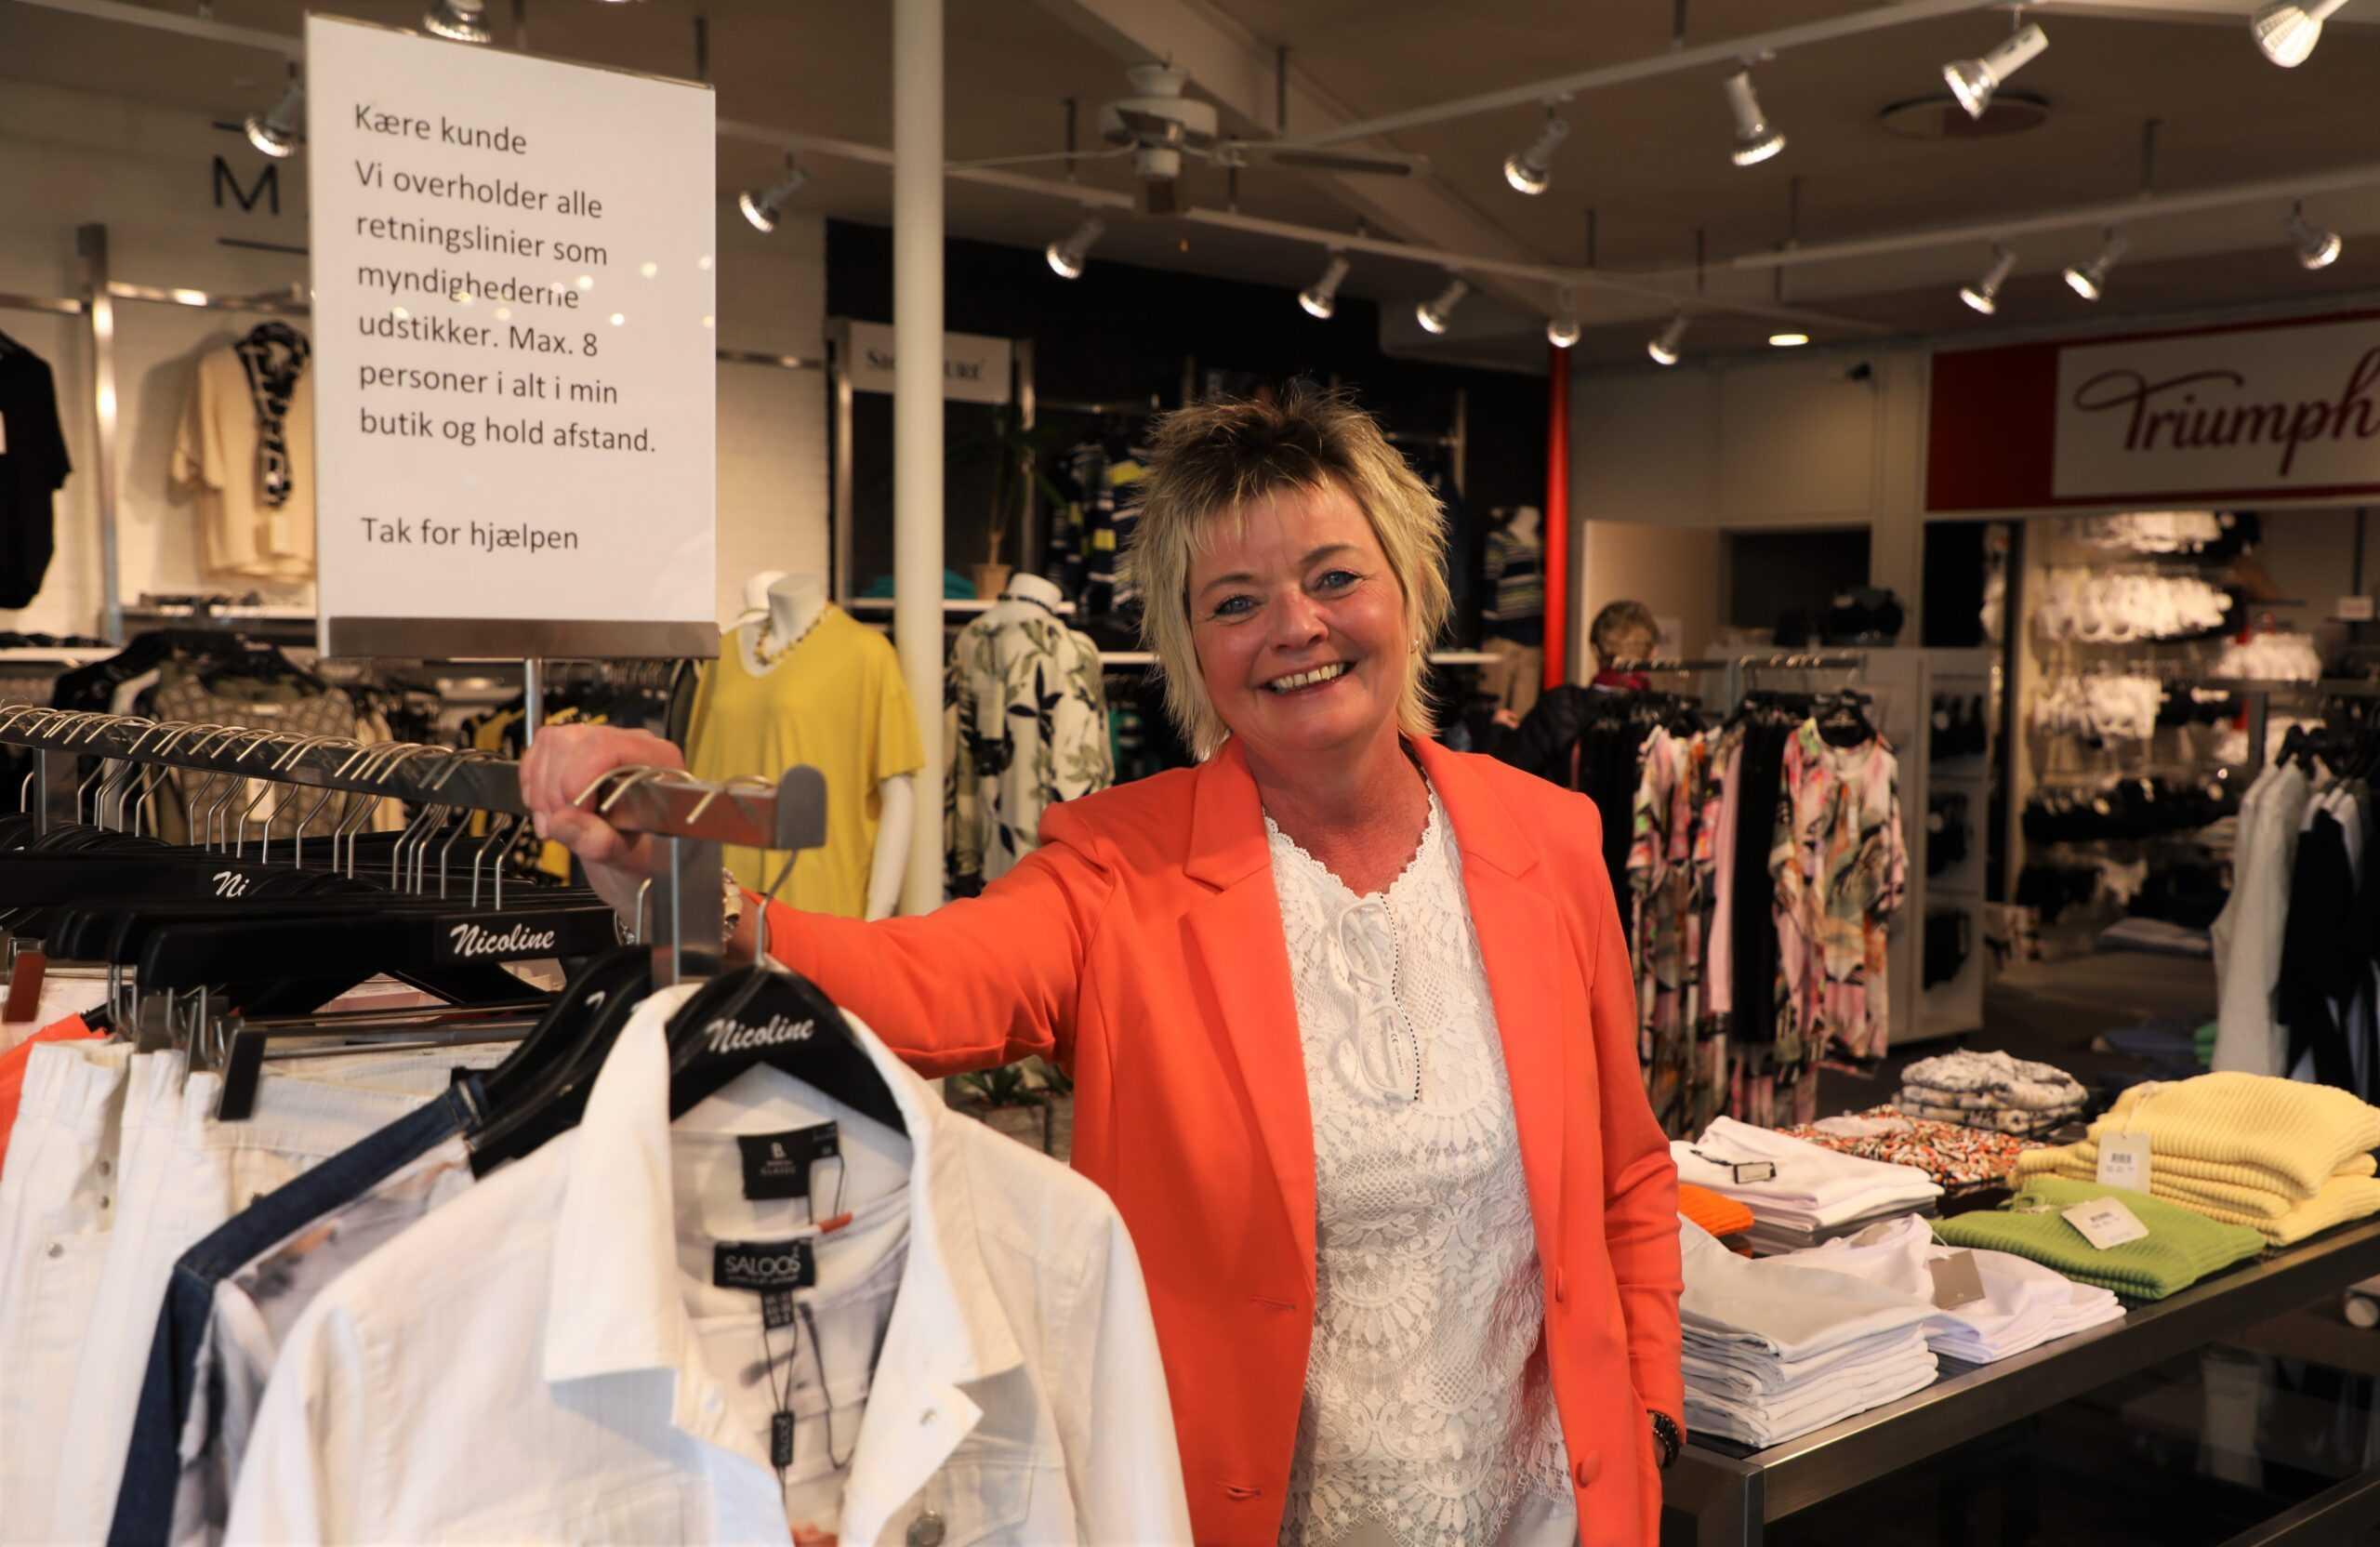 Ann Frydenlund ved skiltet der fortæller om de forholdsregler der findes i Nicoline scaled